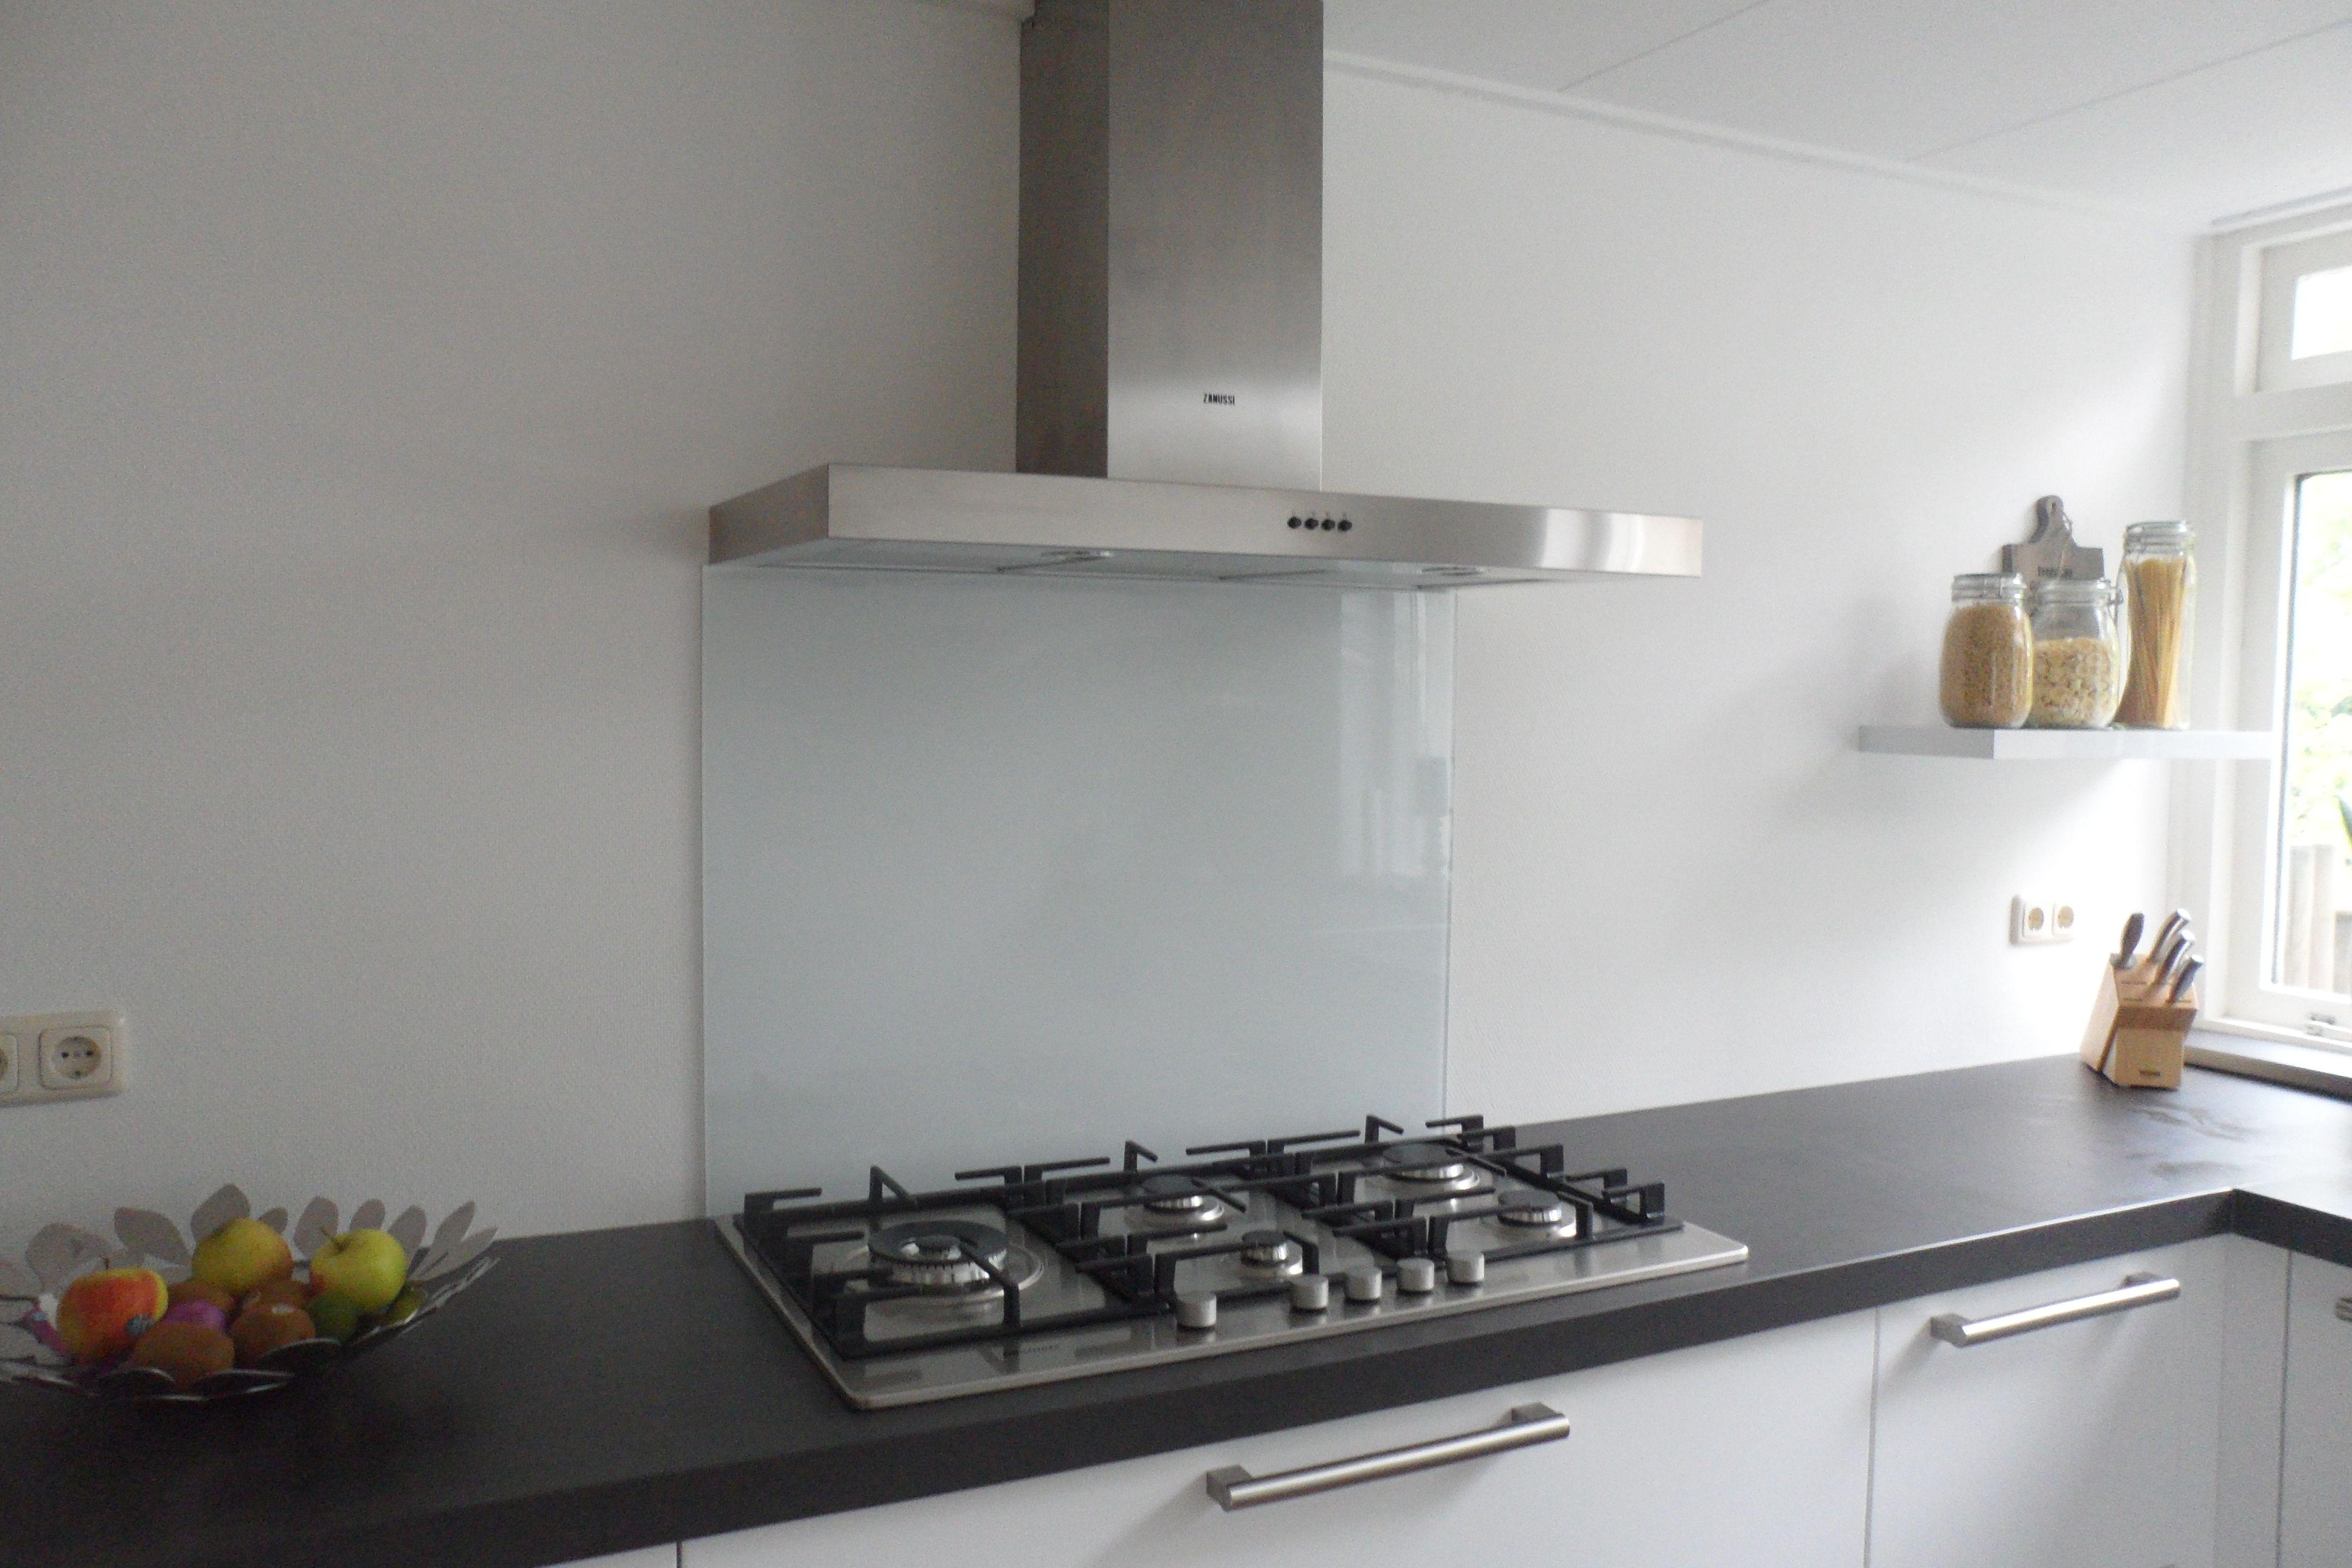 Keuken Glazen Achterwand : Diy: gekleurde glazen achterwand voor in de keuken. in hoogglans wit